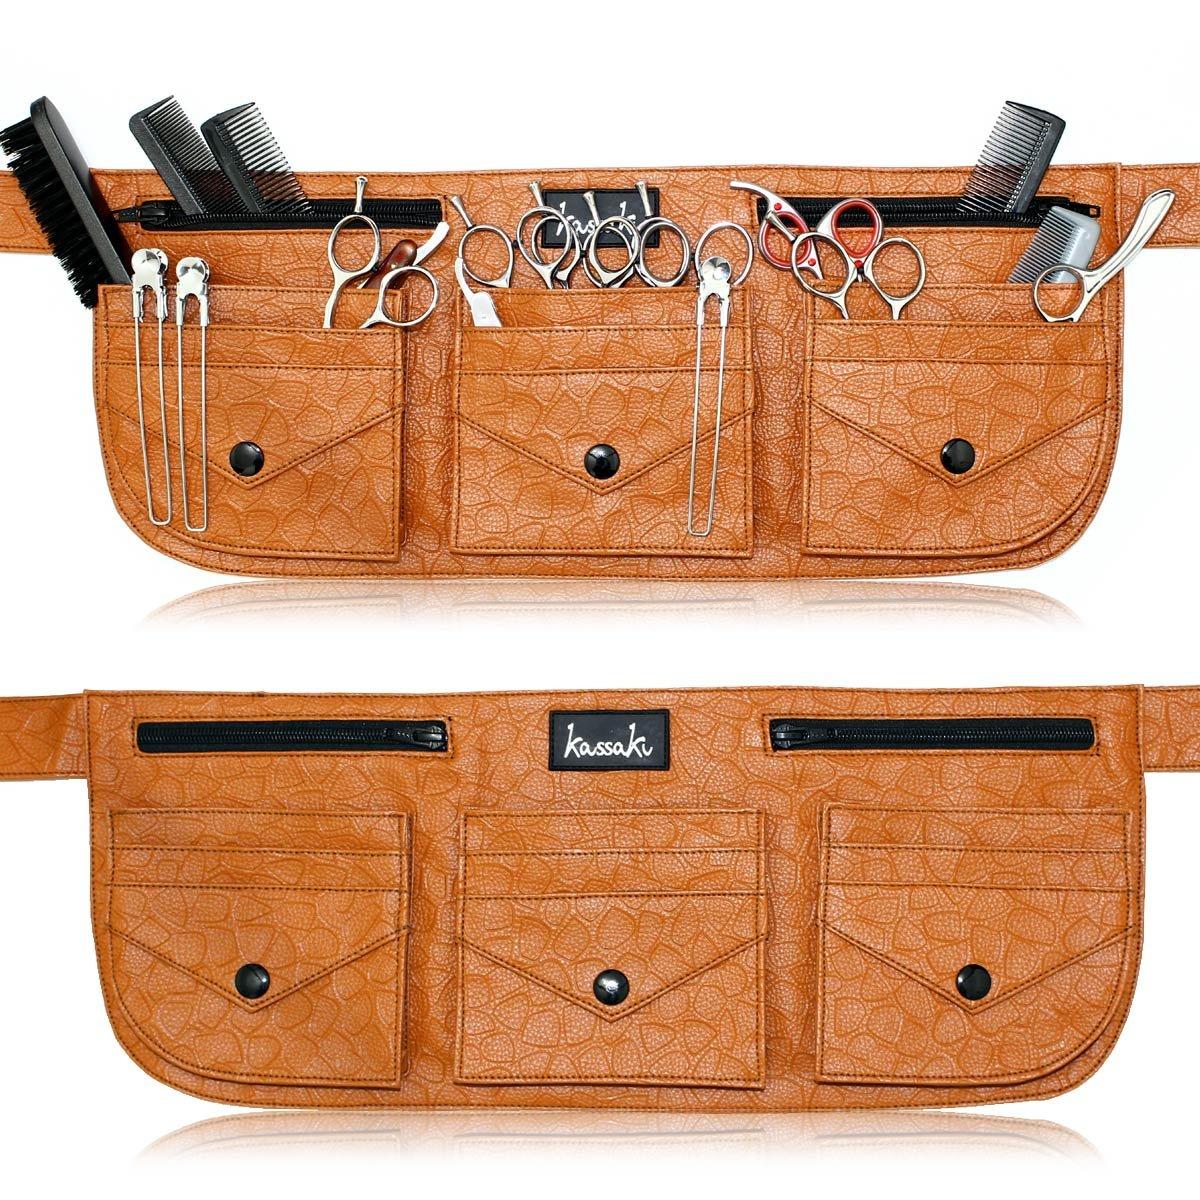 Hairdressing Equipment Scissor Toolbelt Pouch Tool Bag (Black) Kassaki